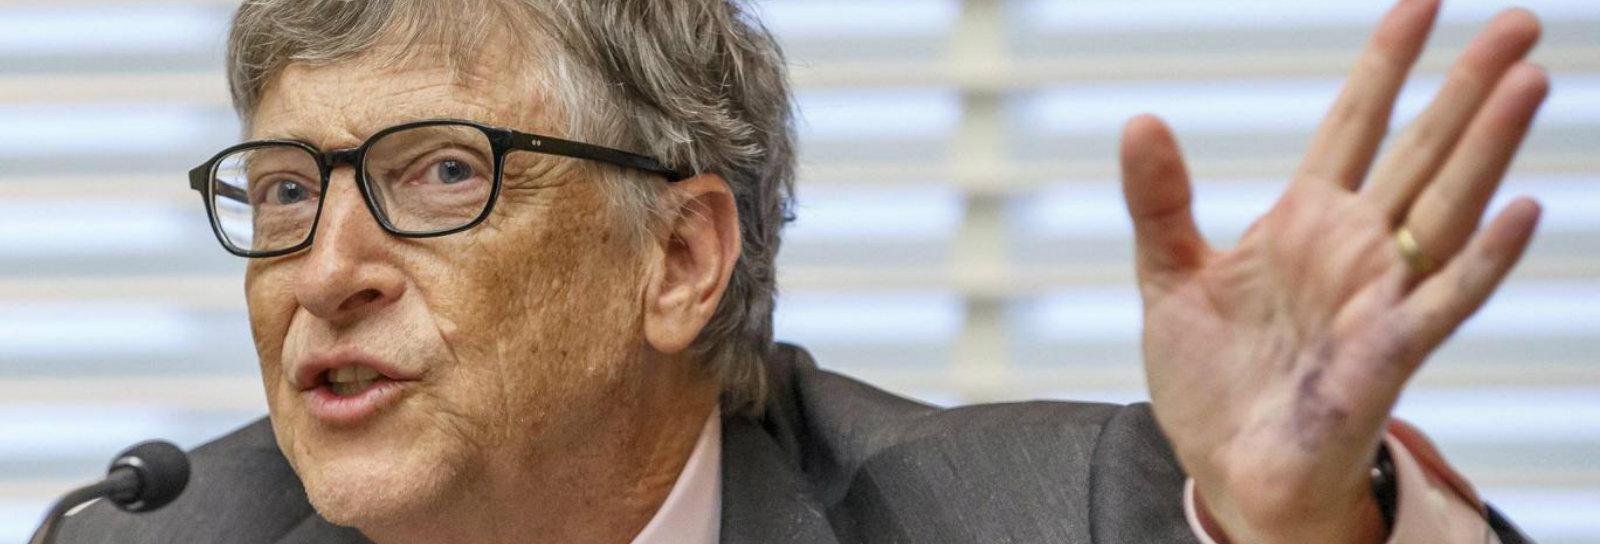 Bill Gates conta quais são as três áreas mais importantes para se ter sucesso no mercado do futuro